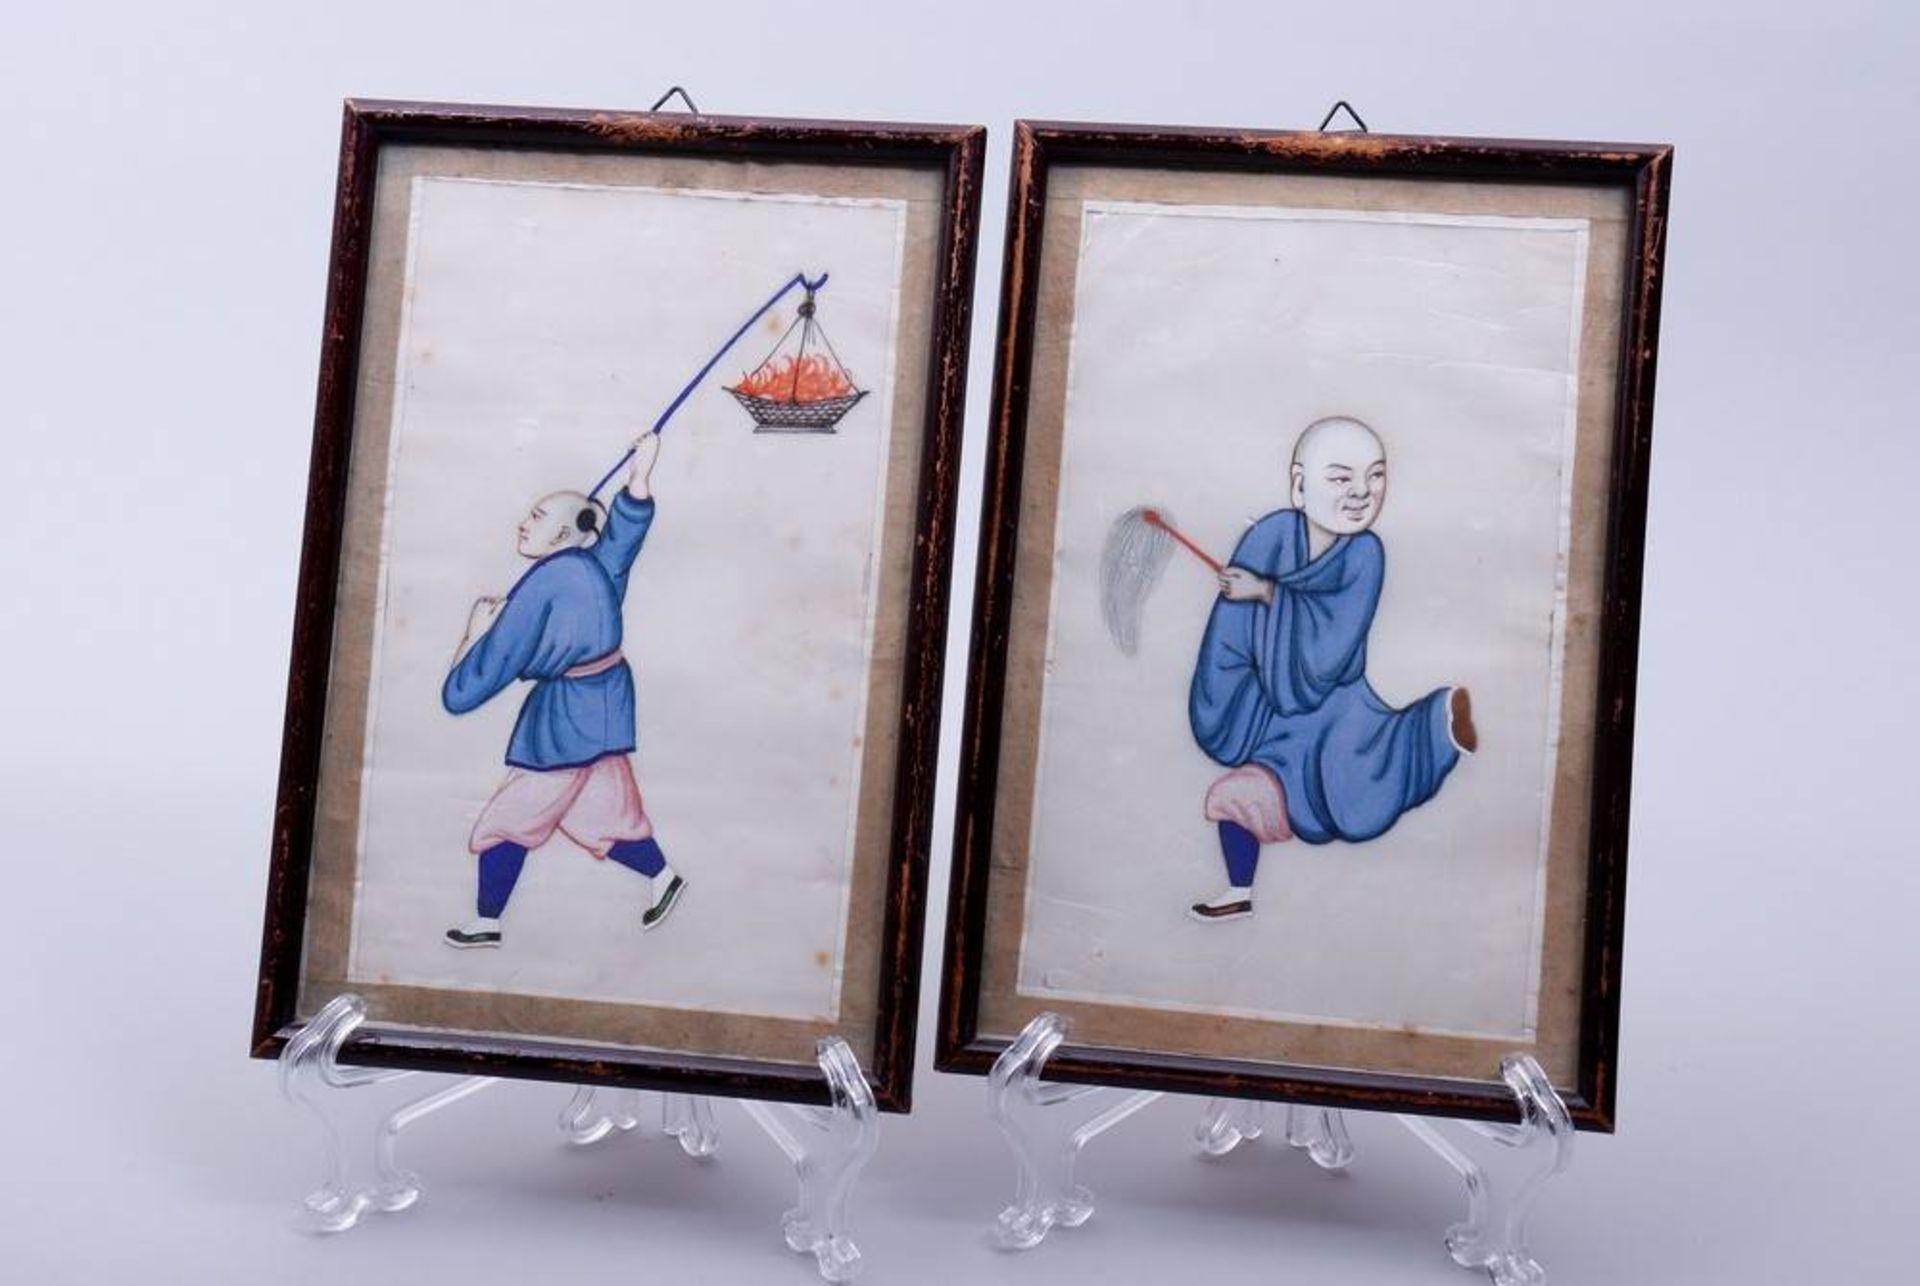 2 kleine Bilder, China, um 1900/20 Gouache auf Seide, figürliche Darstellungen, 19x11,5cm (